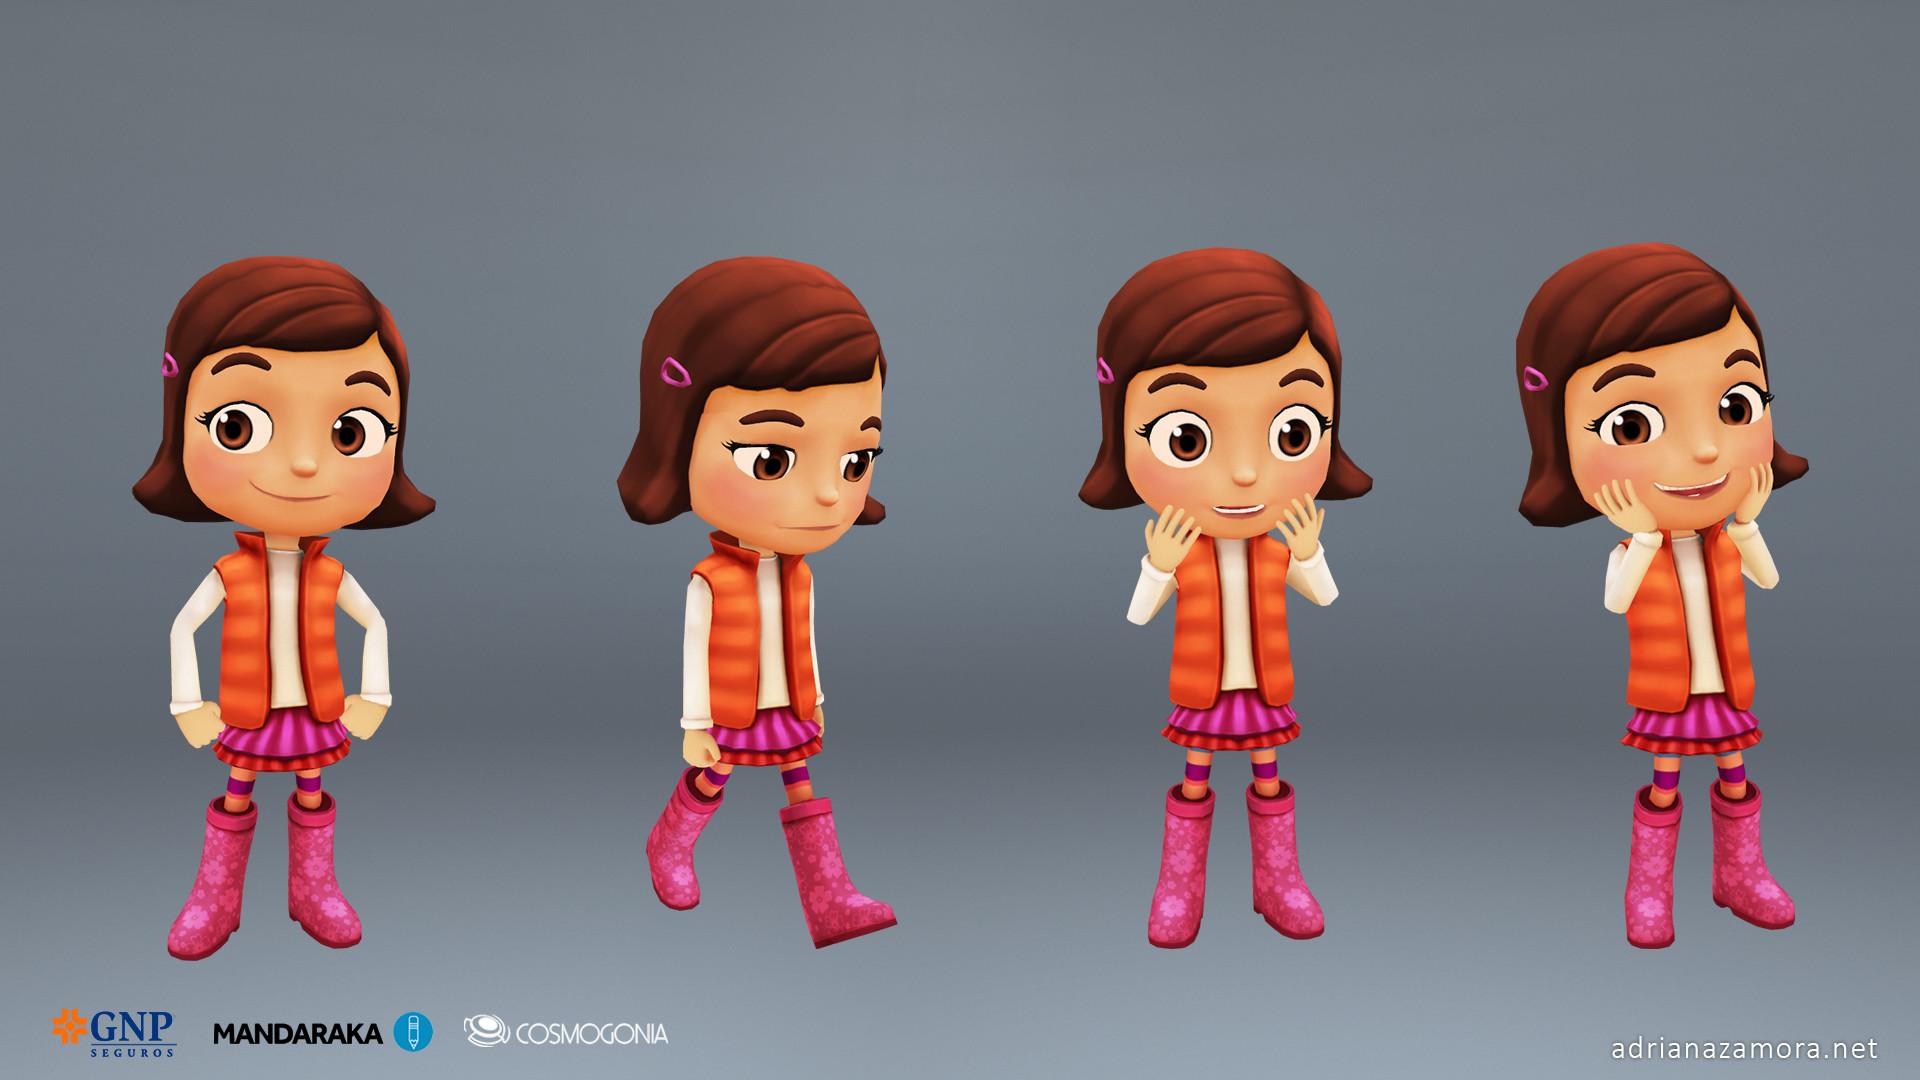 Adriana zamora stylizedcharacters 2 adrianazamora